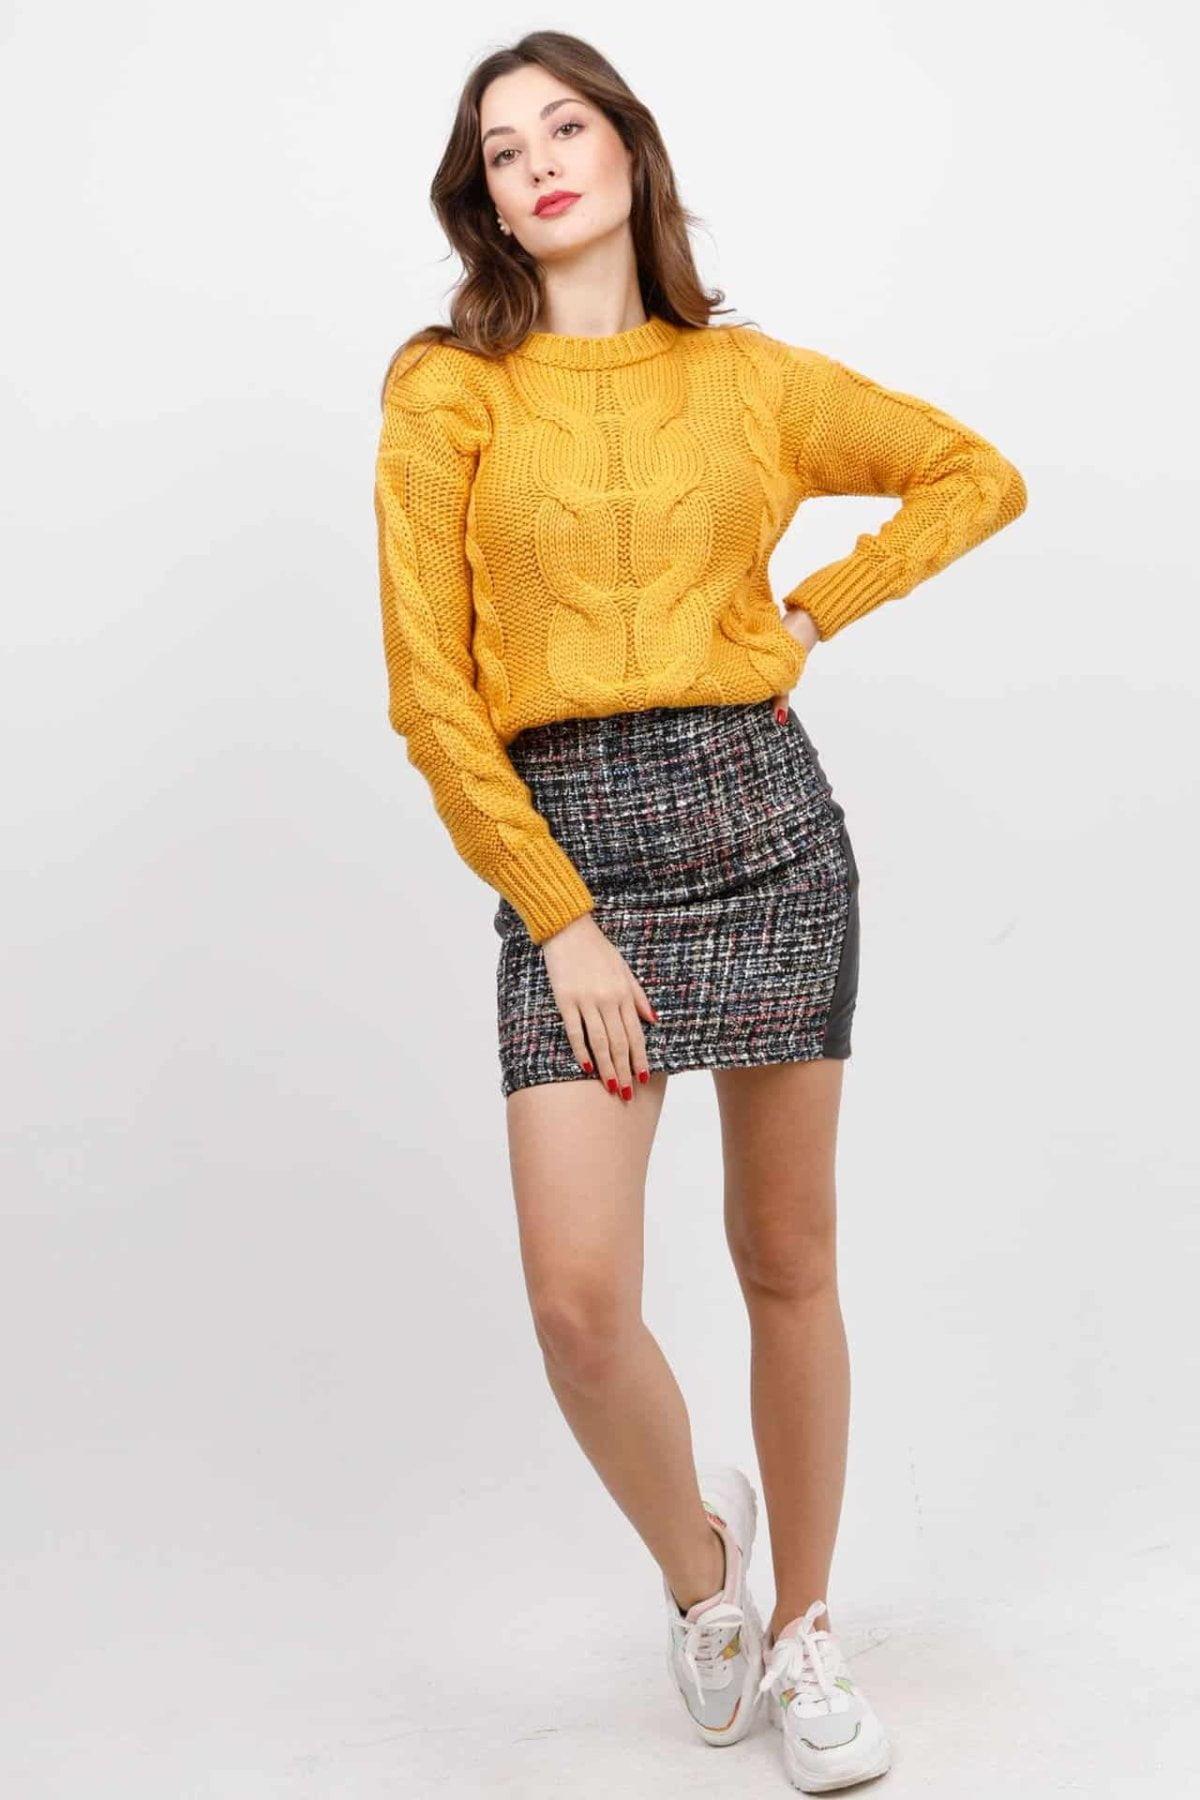 Πλεκτή μπλούζα με σχέδιο πλέξης Coocu